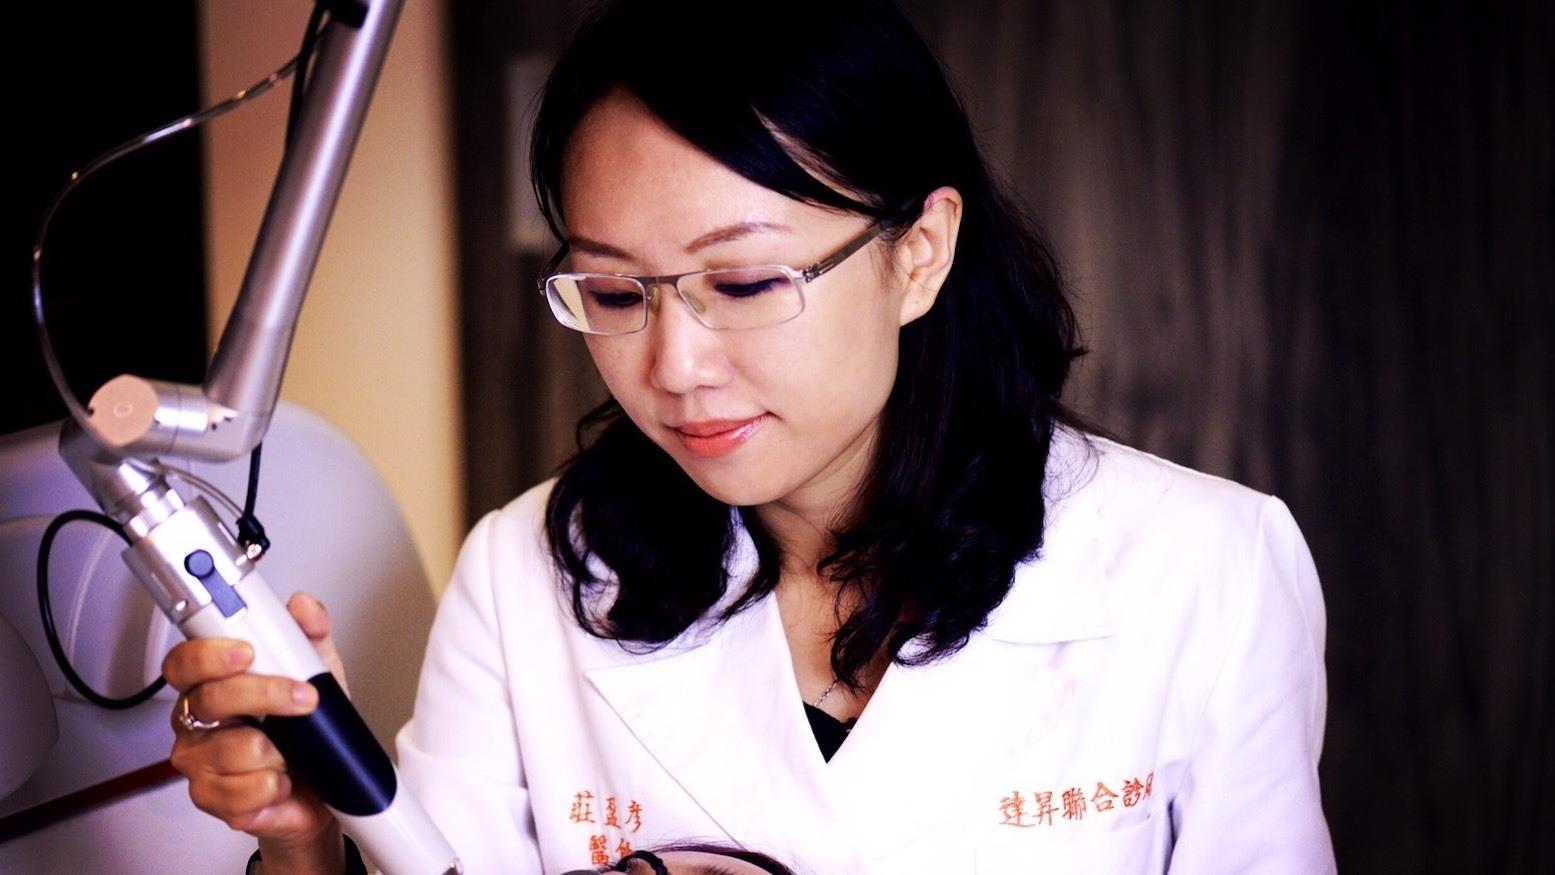 想做痘疤治療跟青春痘治療的患者們找莊盈彥醫師就對了!莊醫師讓你臉上沒有青春痘,惱人的痘疤由莊醫師消除